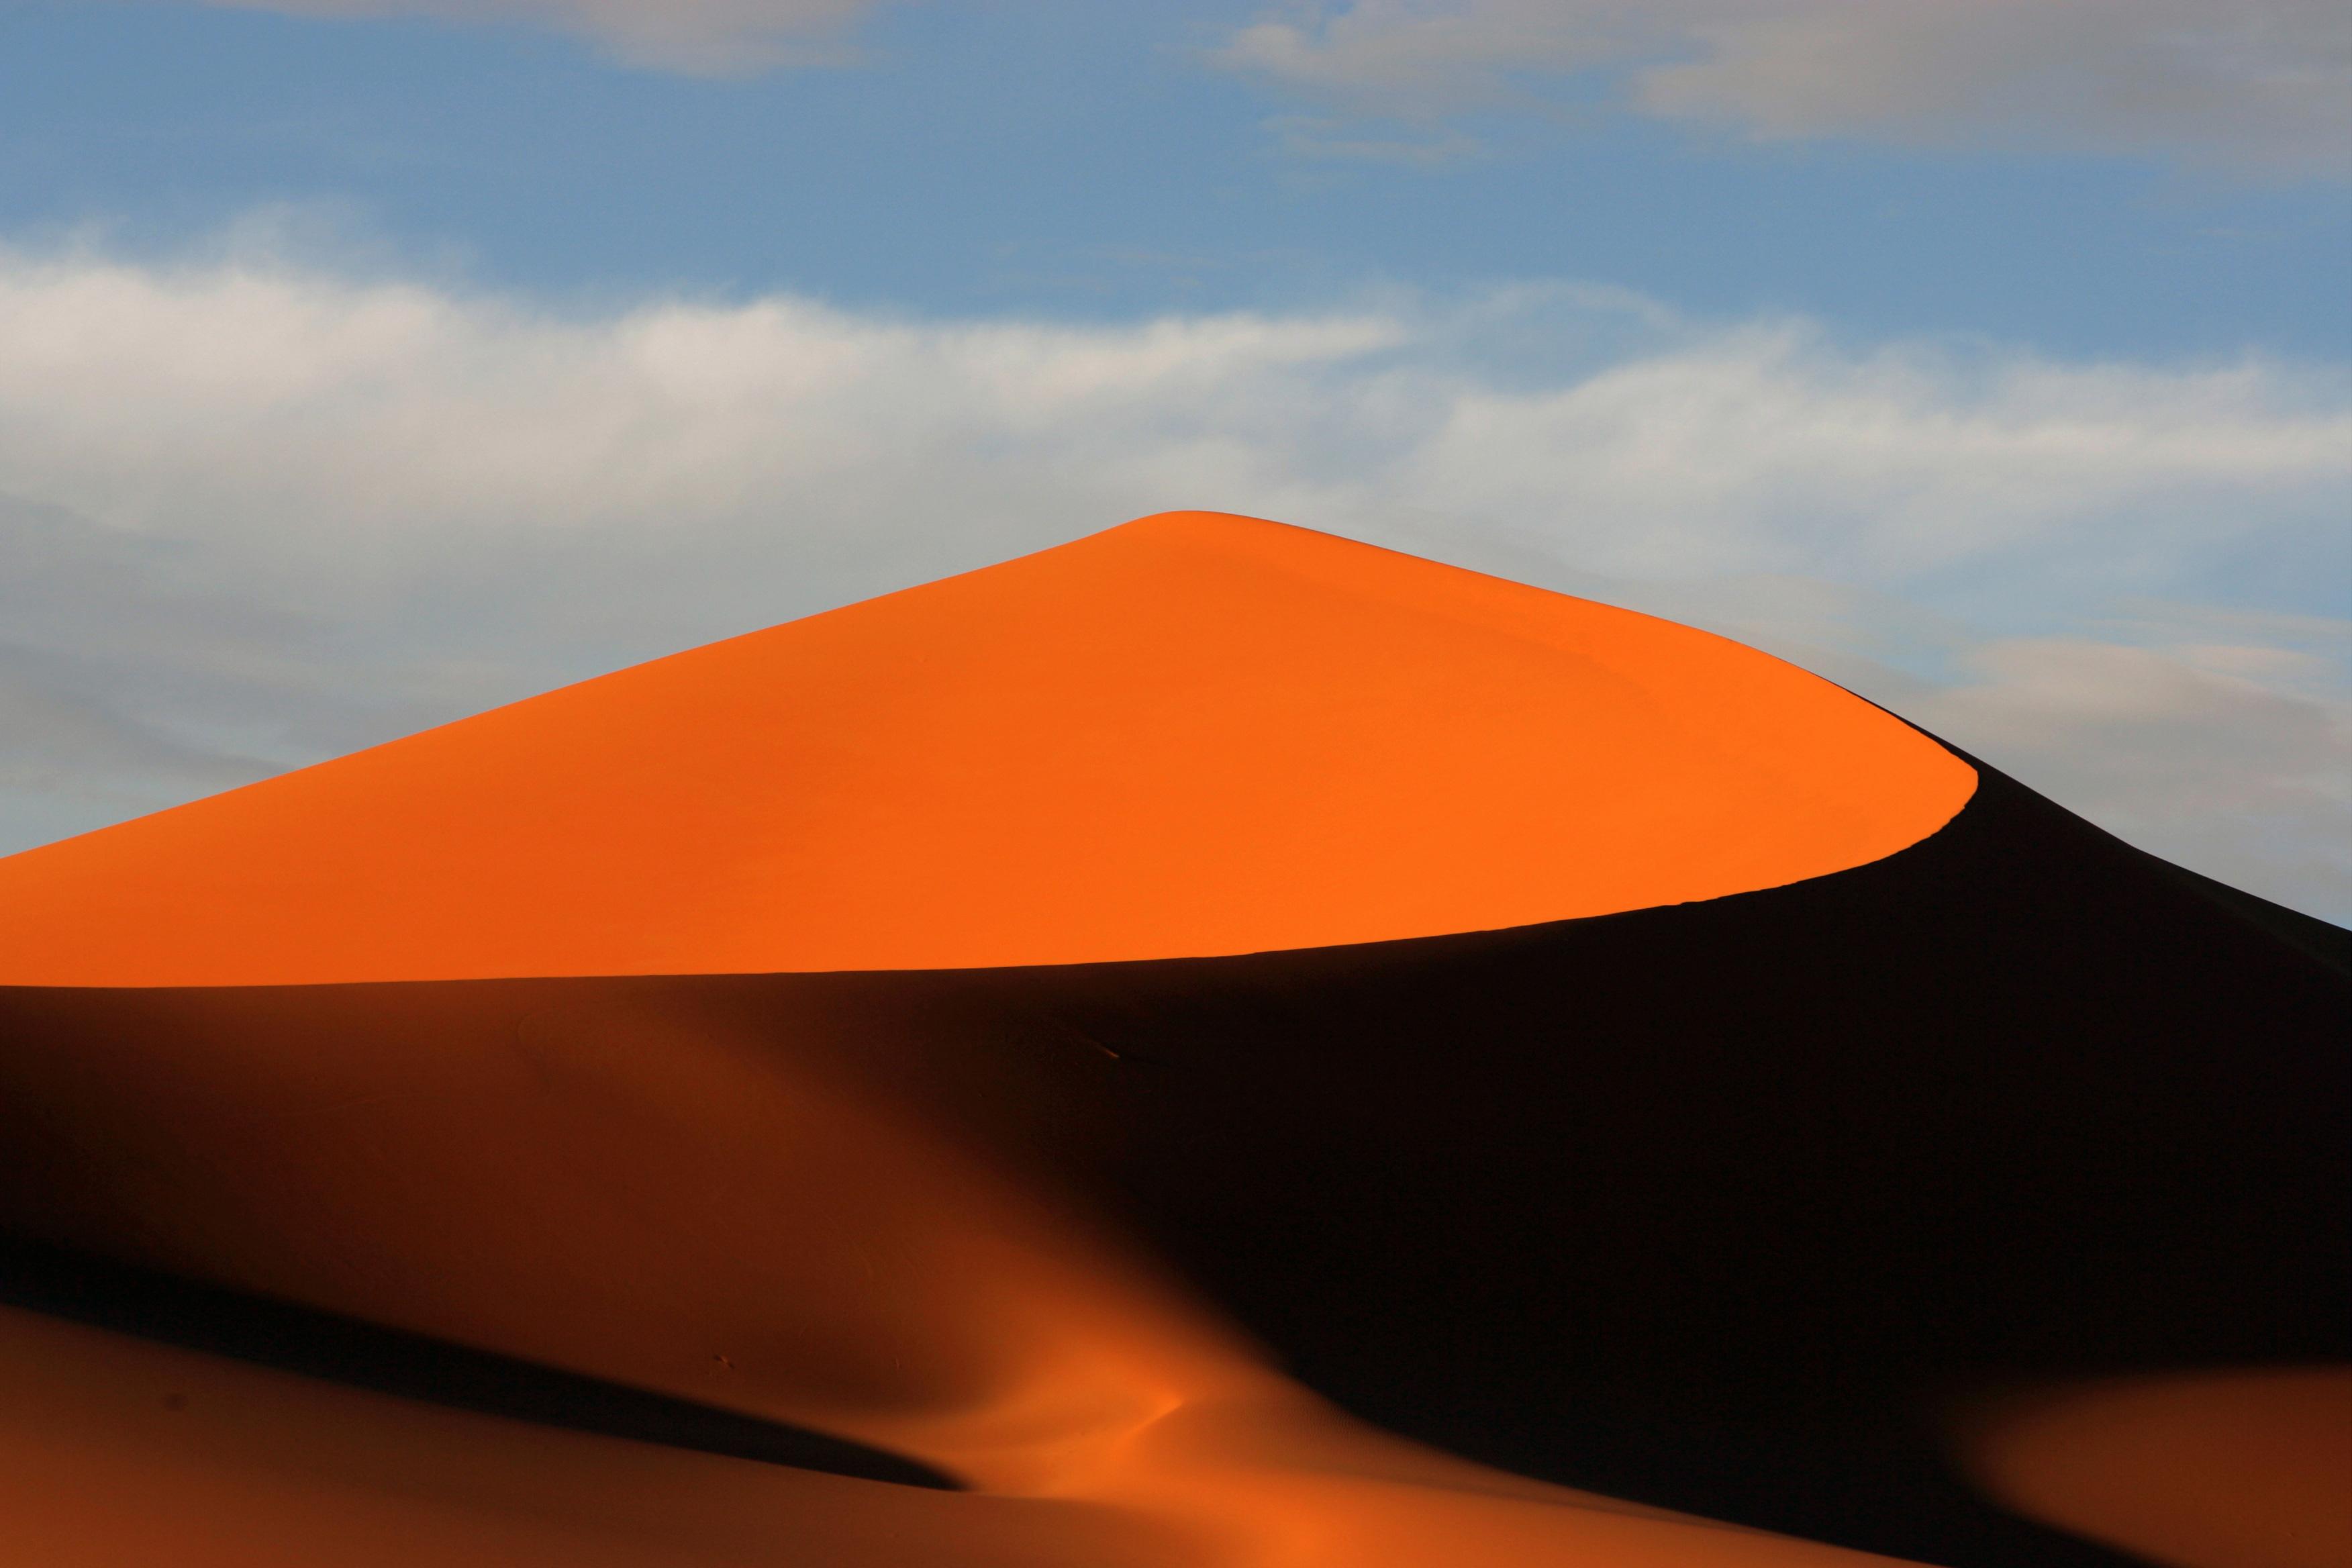 A dune of the Fezzan desert